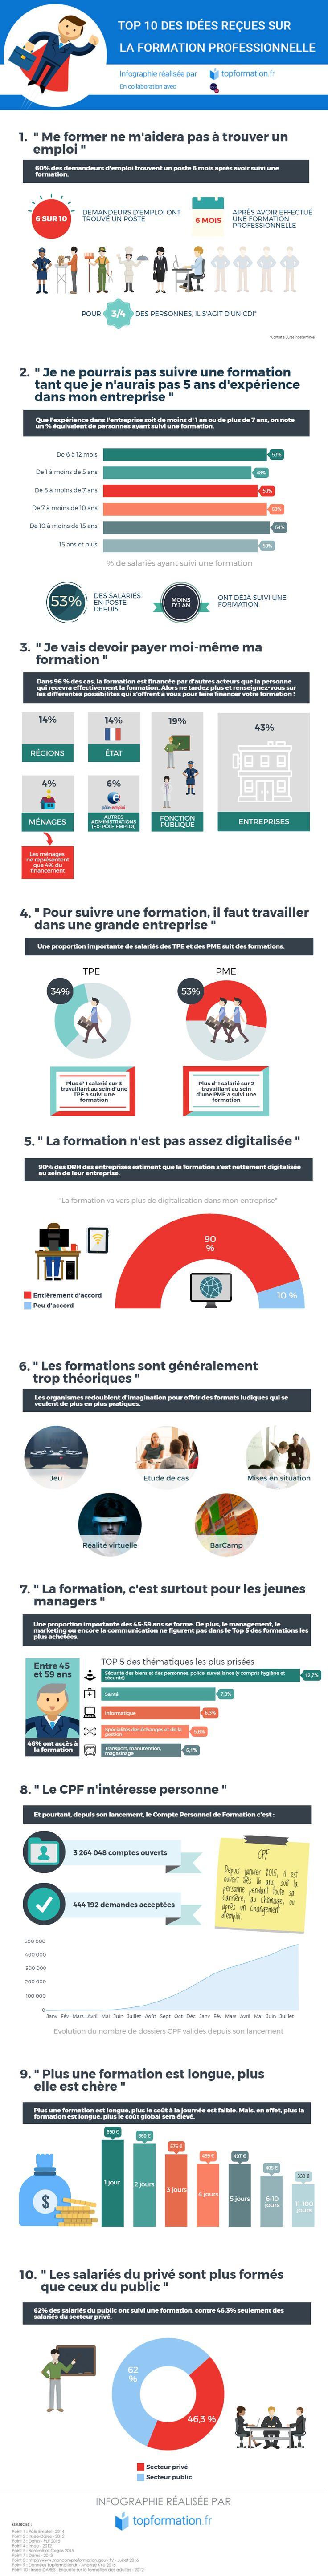 Infographie : Top 10 des idées reçues sur la formation professionnelle